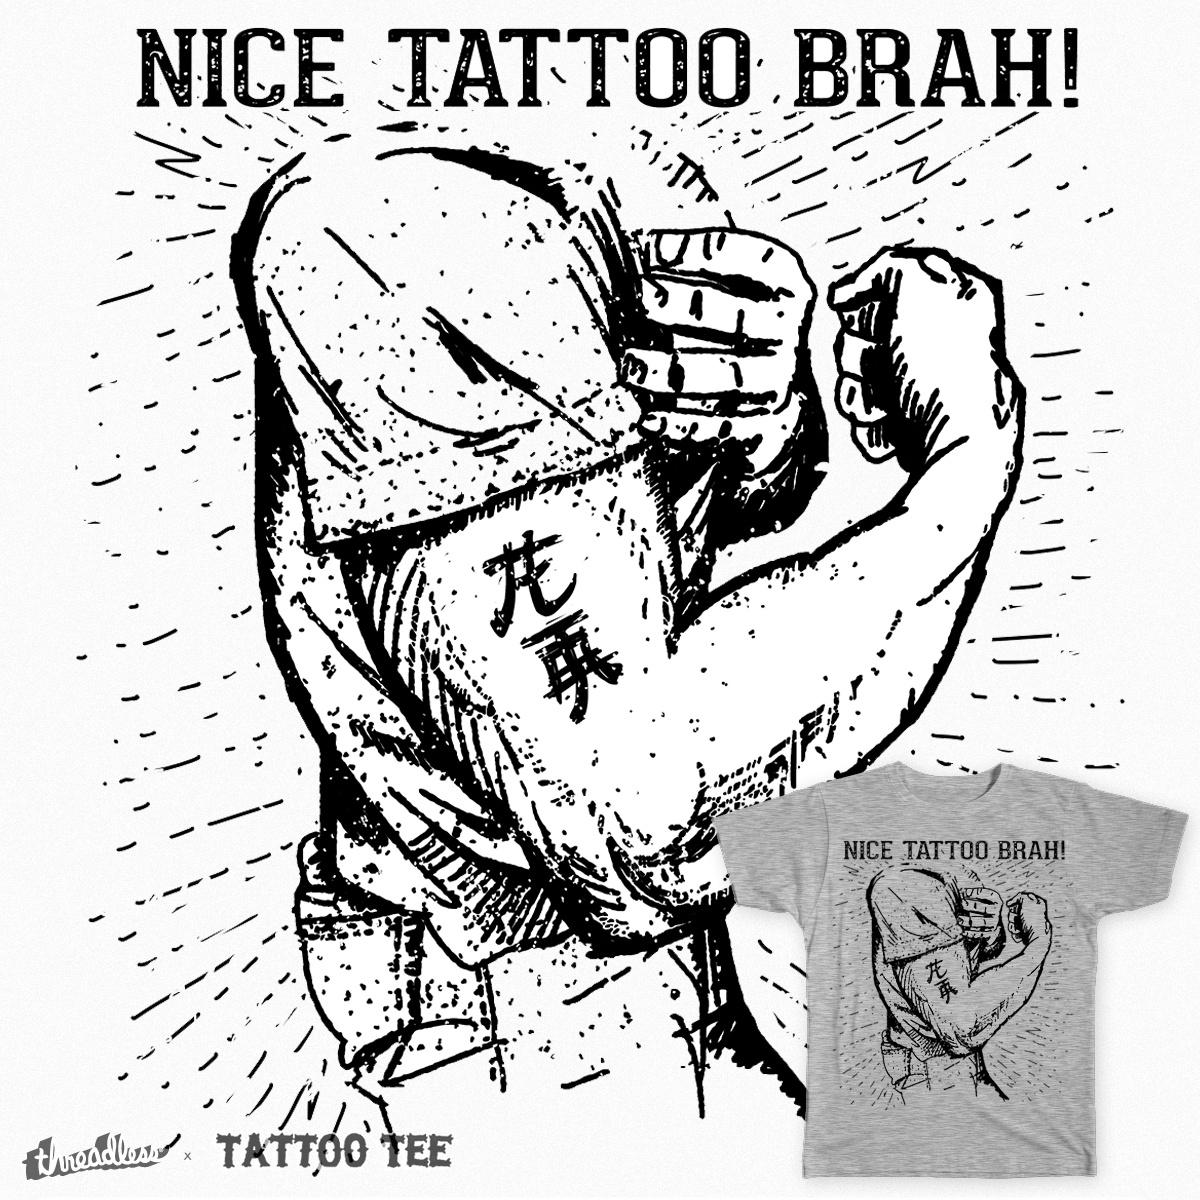 Nice Tattoo Brah!  by vintagesmile on Threadless